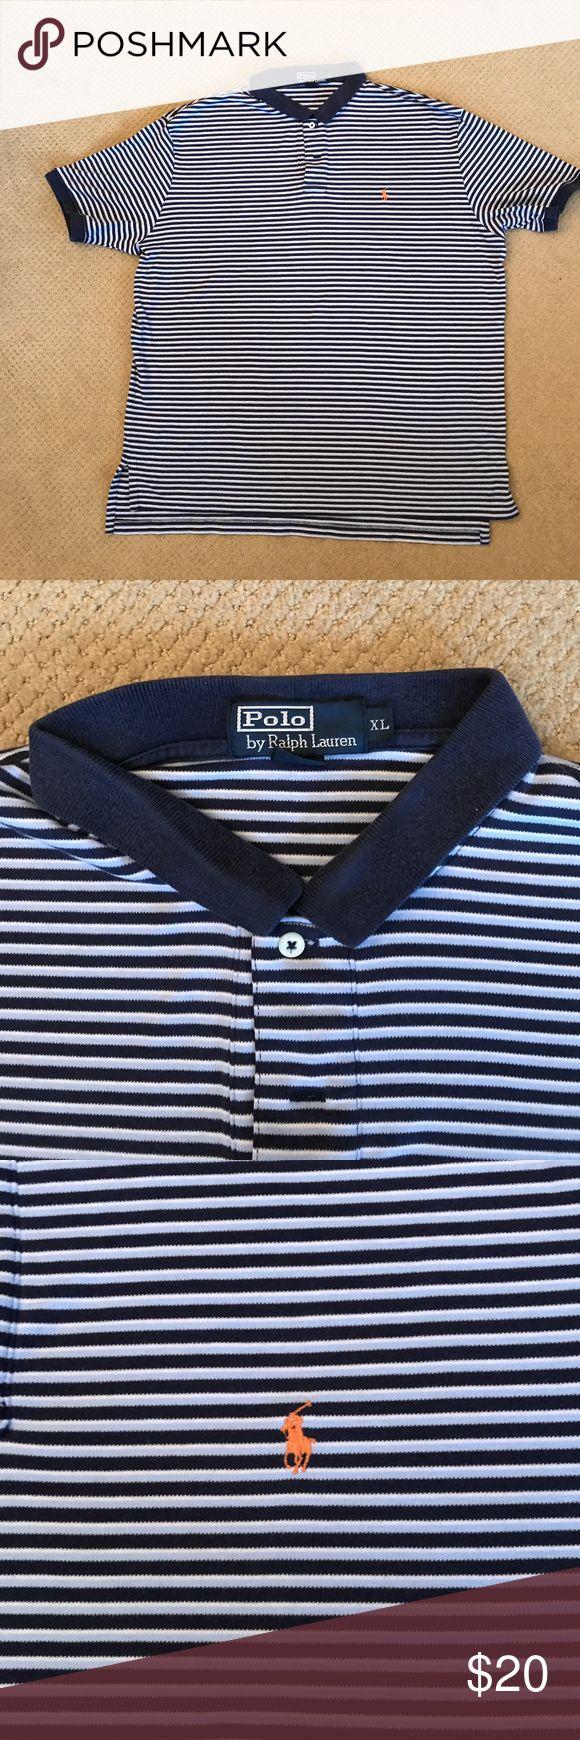 Men's Polo Ralph Lauren cotton polo shirt Vintage Men's Polo Ralph Lauren cotton polo shirt. Size XL.  Looks great! Polo by Ralph Lauren Shirts Polos